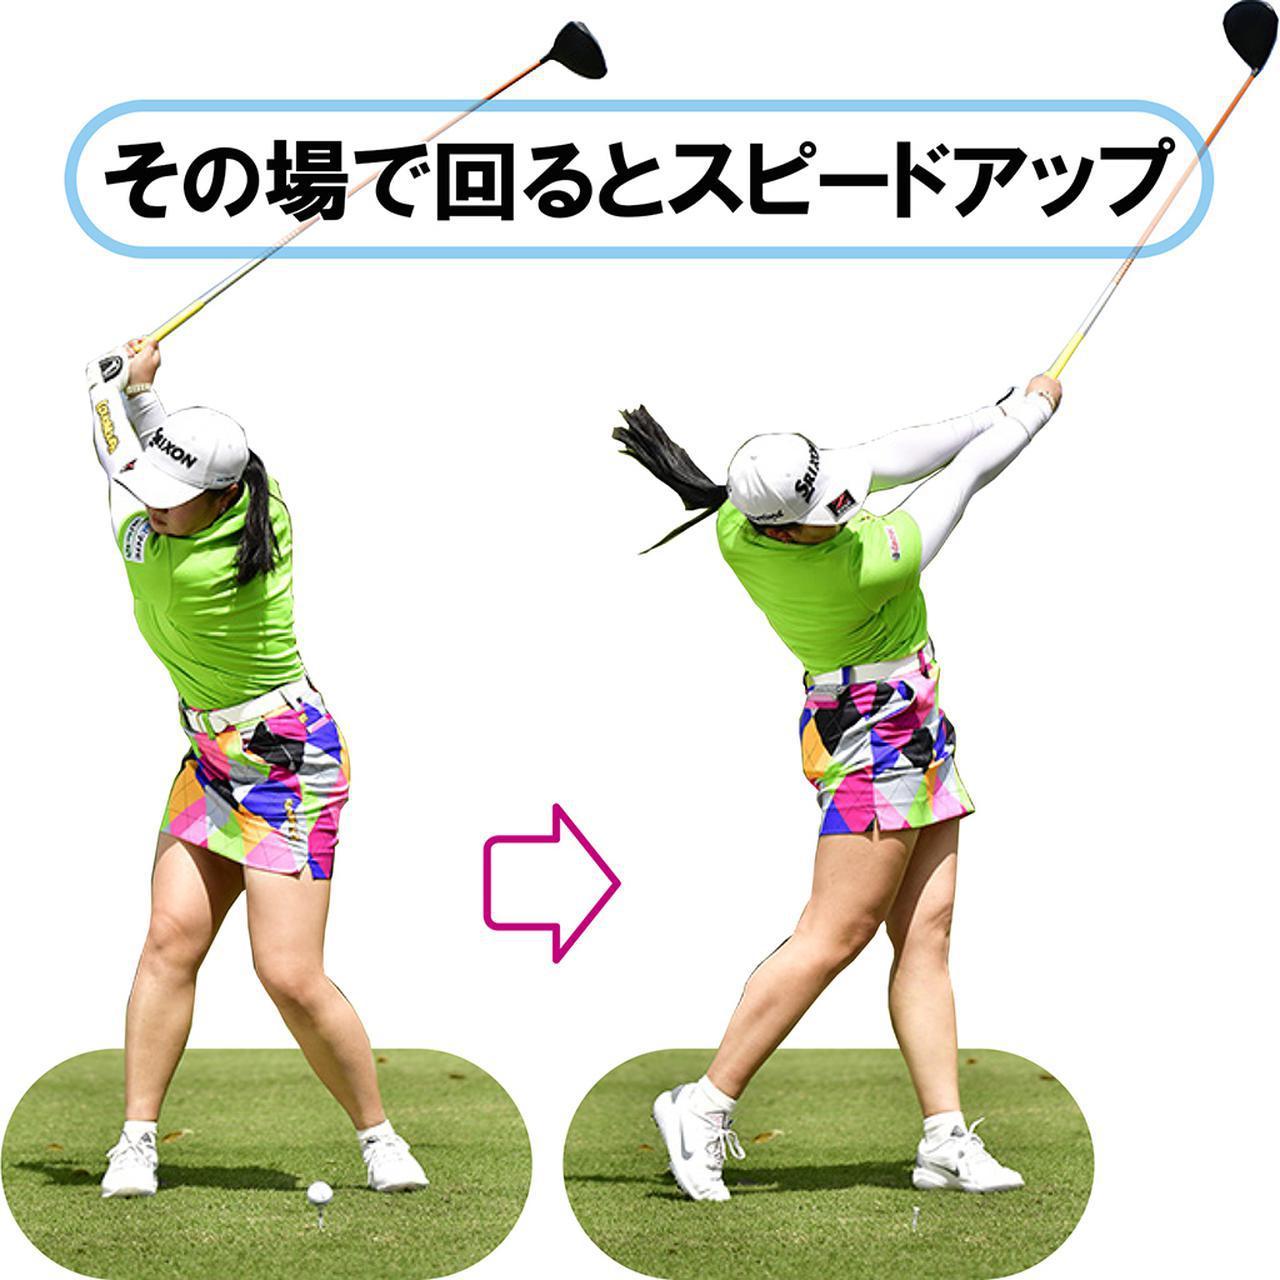 画像: 【気づき②】 体重移動よりその場で回転